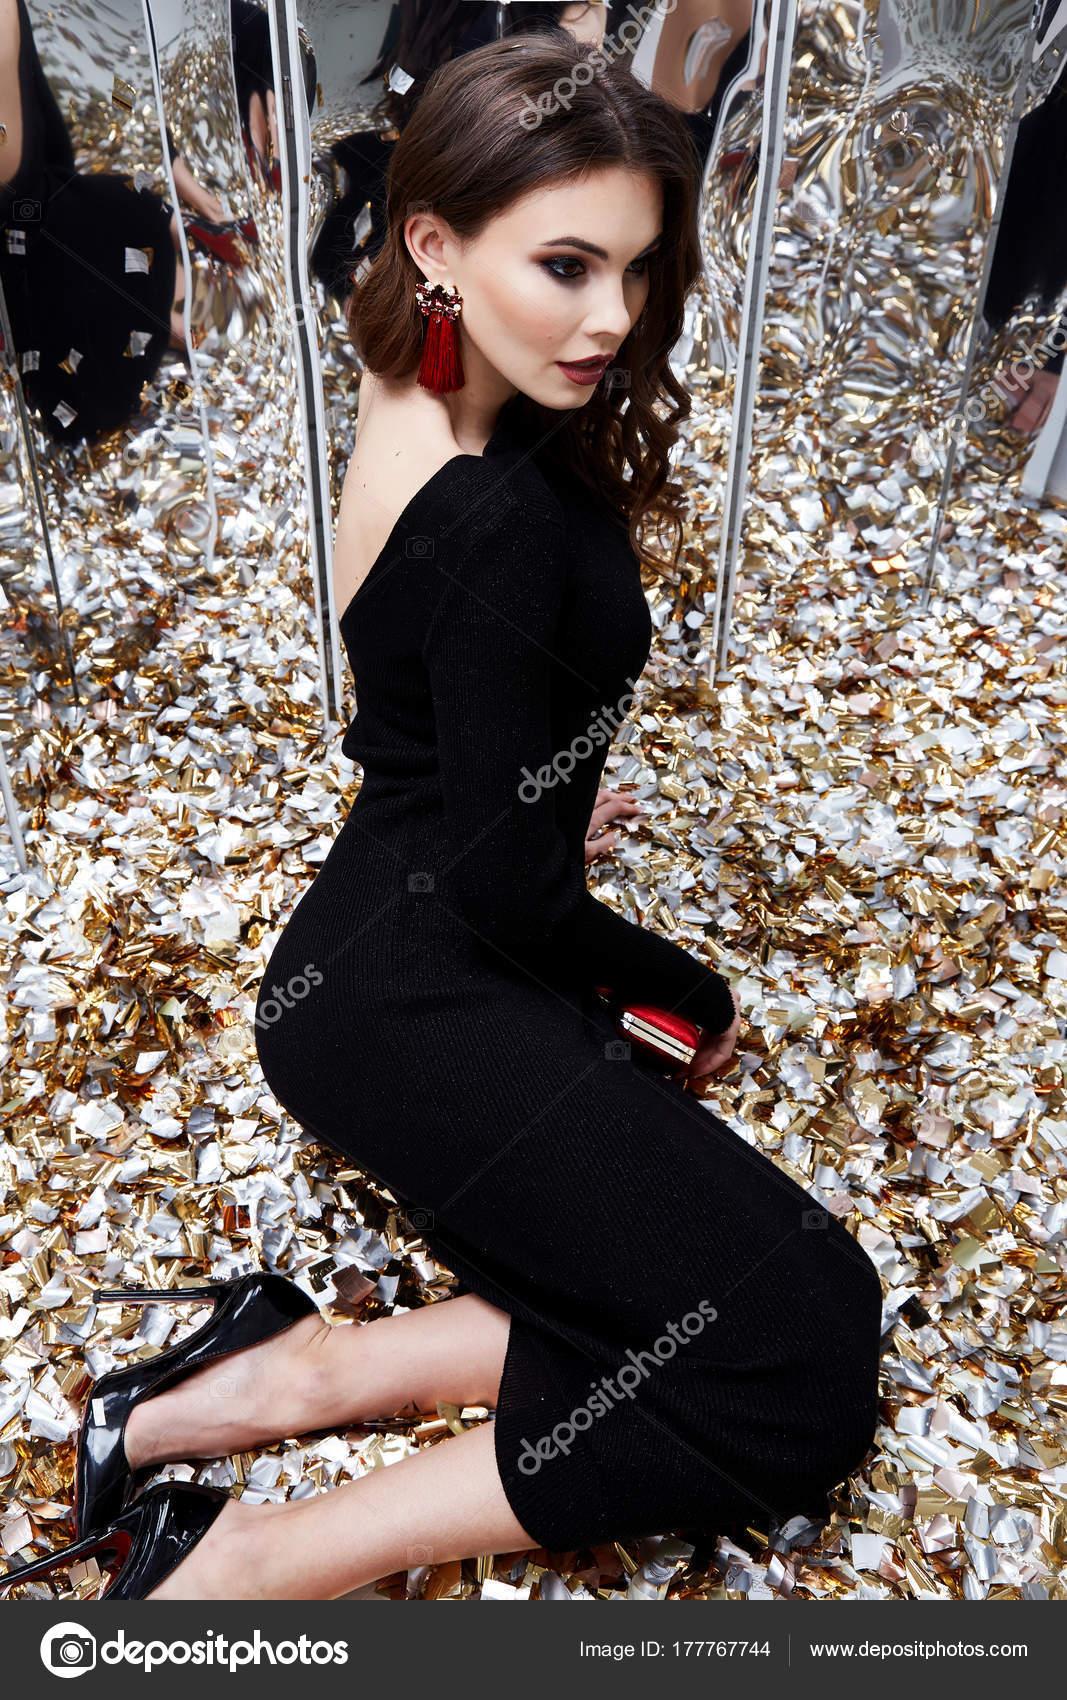 Schöne sexy Frau brünette Haare Abend Make-up ziemlich stehen wir ...